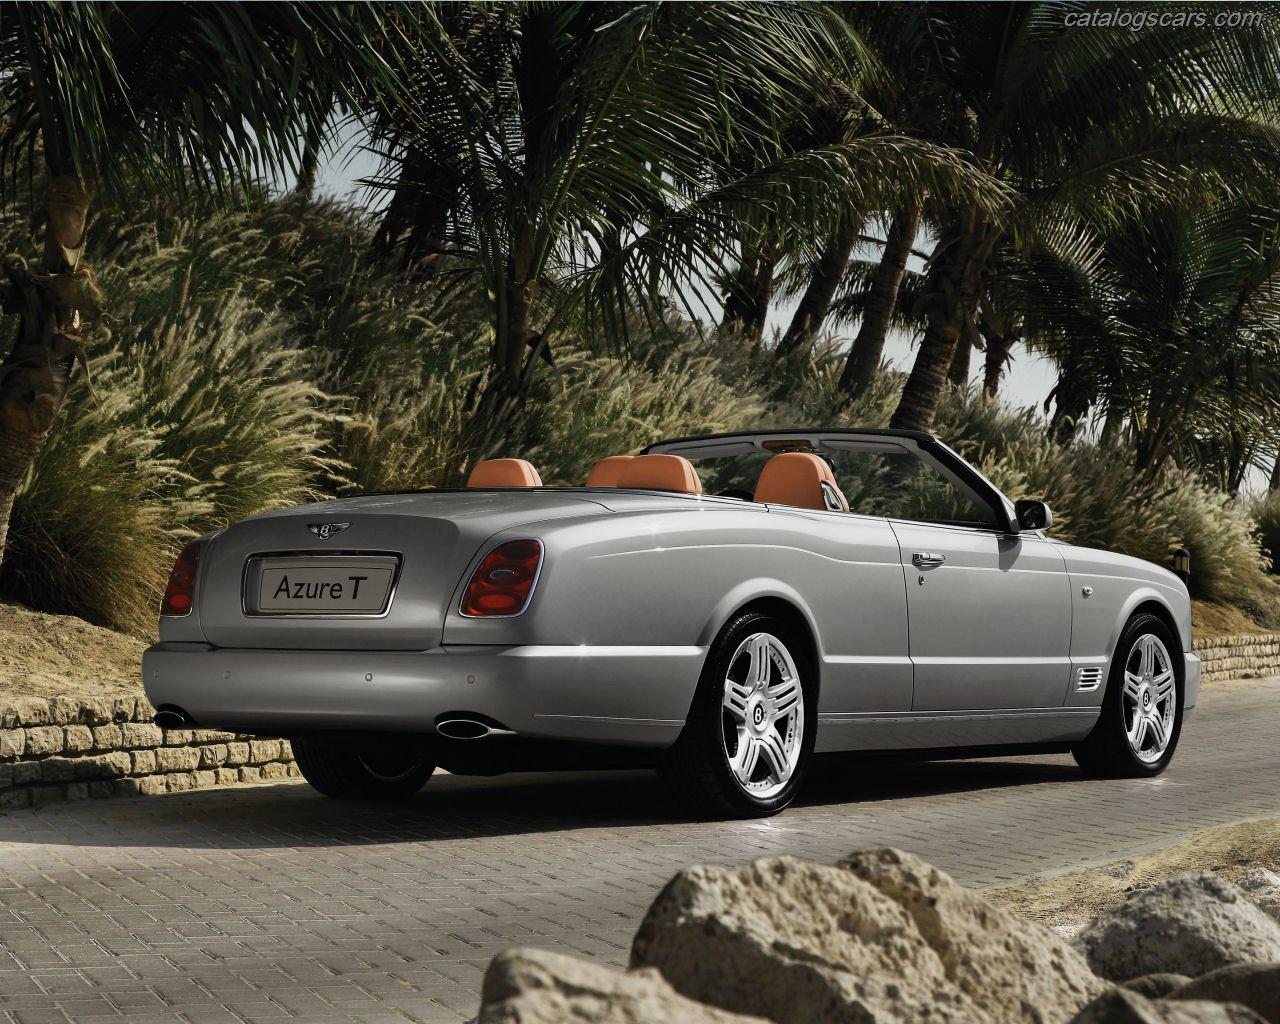 صور سيارة بنتلى ازور 2014 - اجمل خلفيات صور عربية بنتلى ازور 2014 - Bentley Azure Photos Bentley-Azure-2011-03.jpg